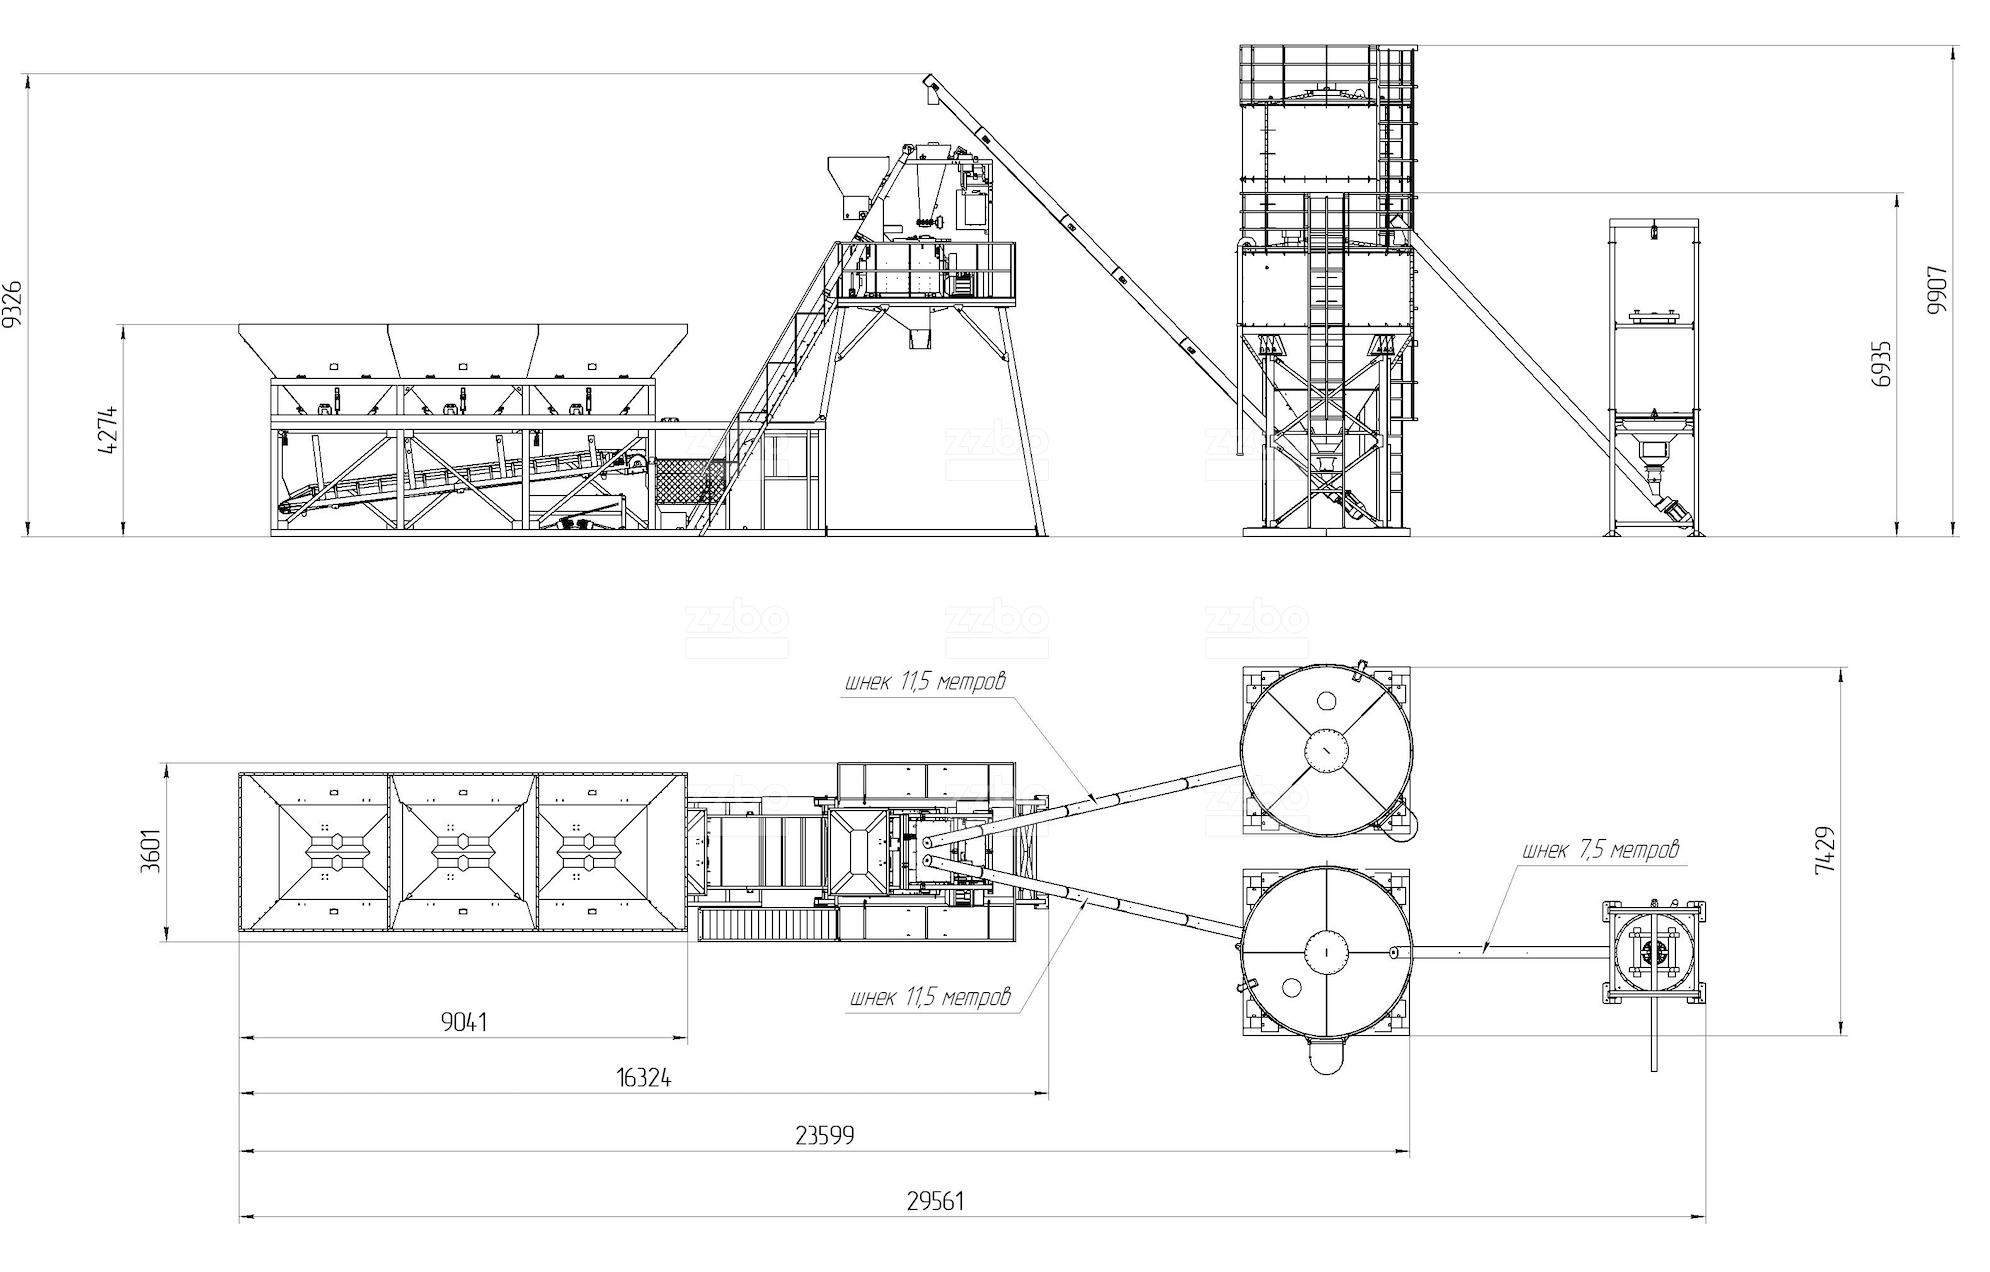 Влияние некорректной комплектации на производительность бетонного завода